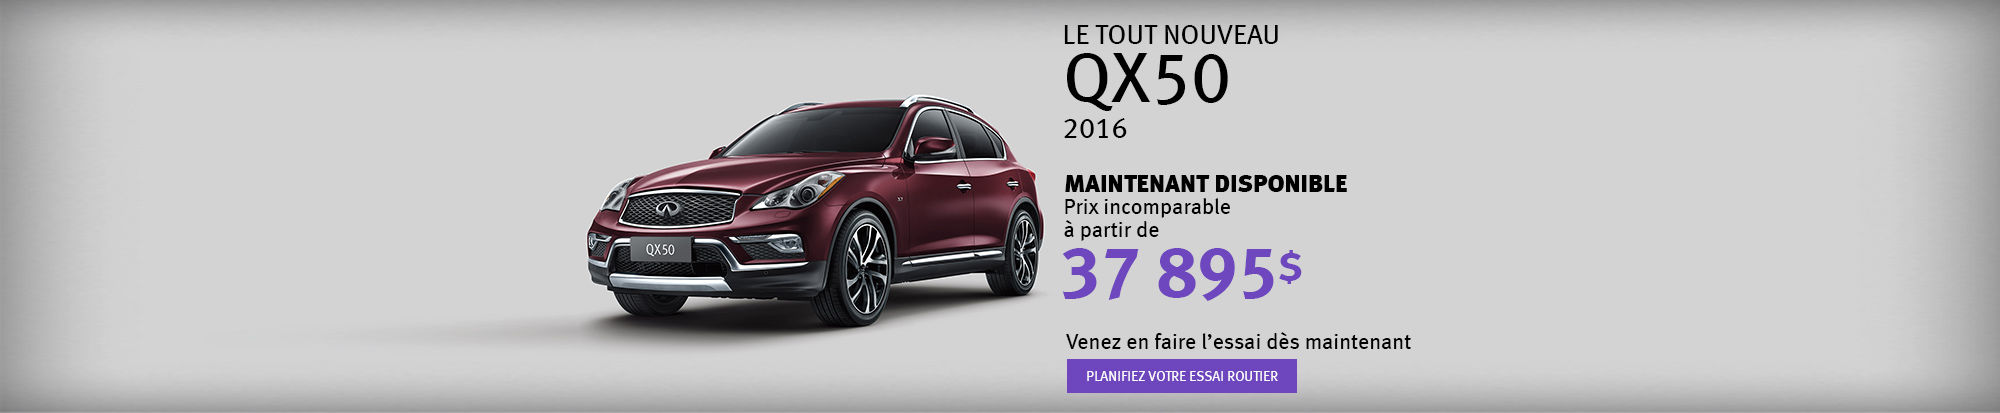 Le tout nouveau QX50 2016